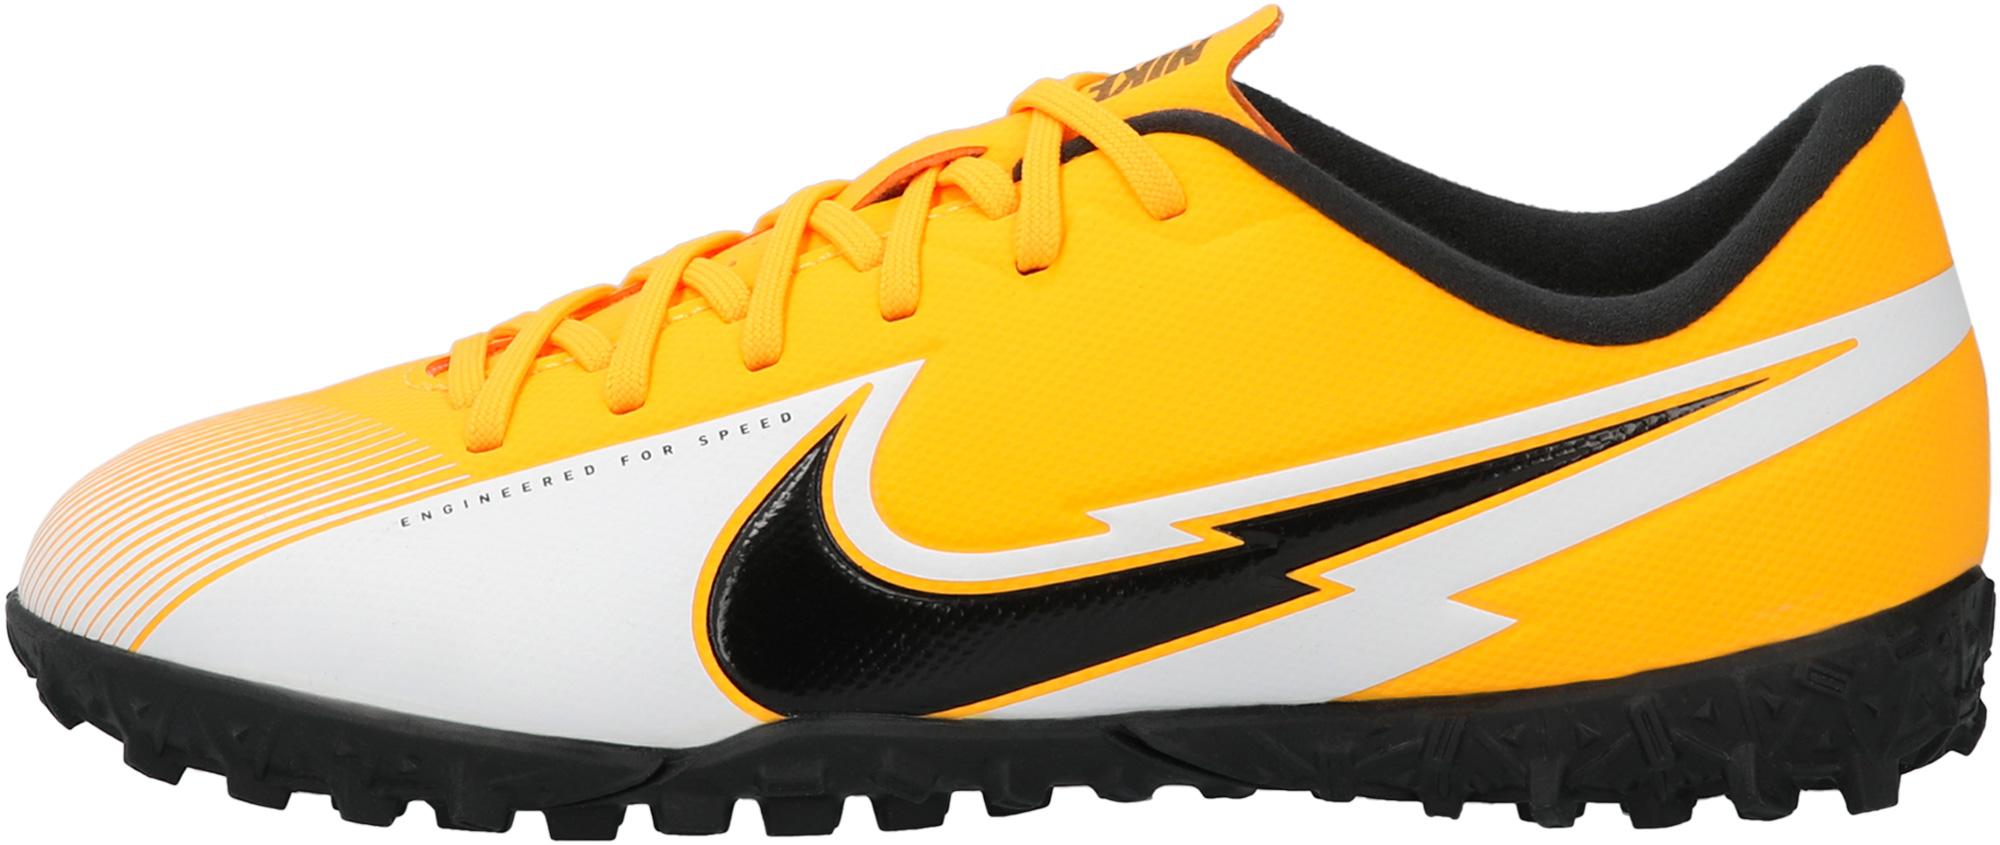 Фото - Nike Бутсы для мальчиков Nike Jr Vapor 13 Academy TF, размер 35 шиповки детские nike vapor 13 academy neymar tf at8144 104